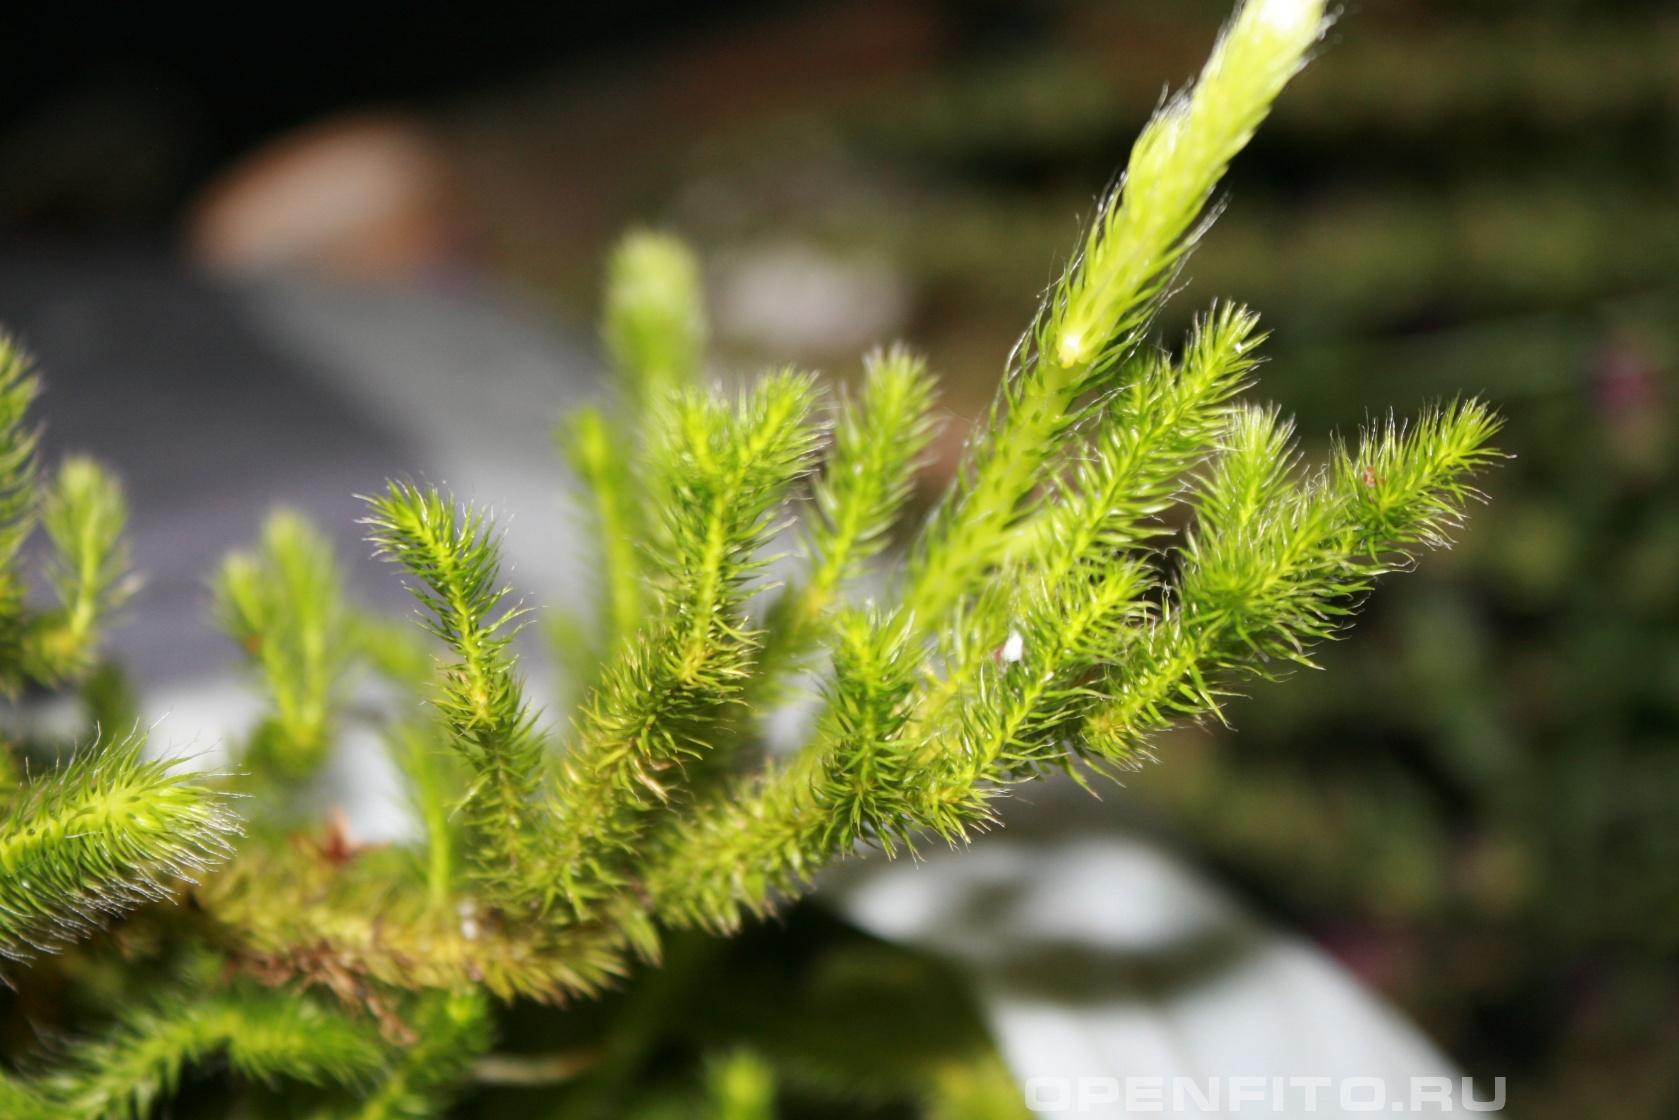 Плаун обыкновенный <p>Ядовитое лекарственное растение</p>